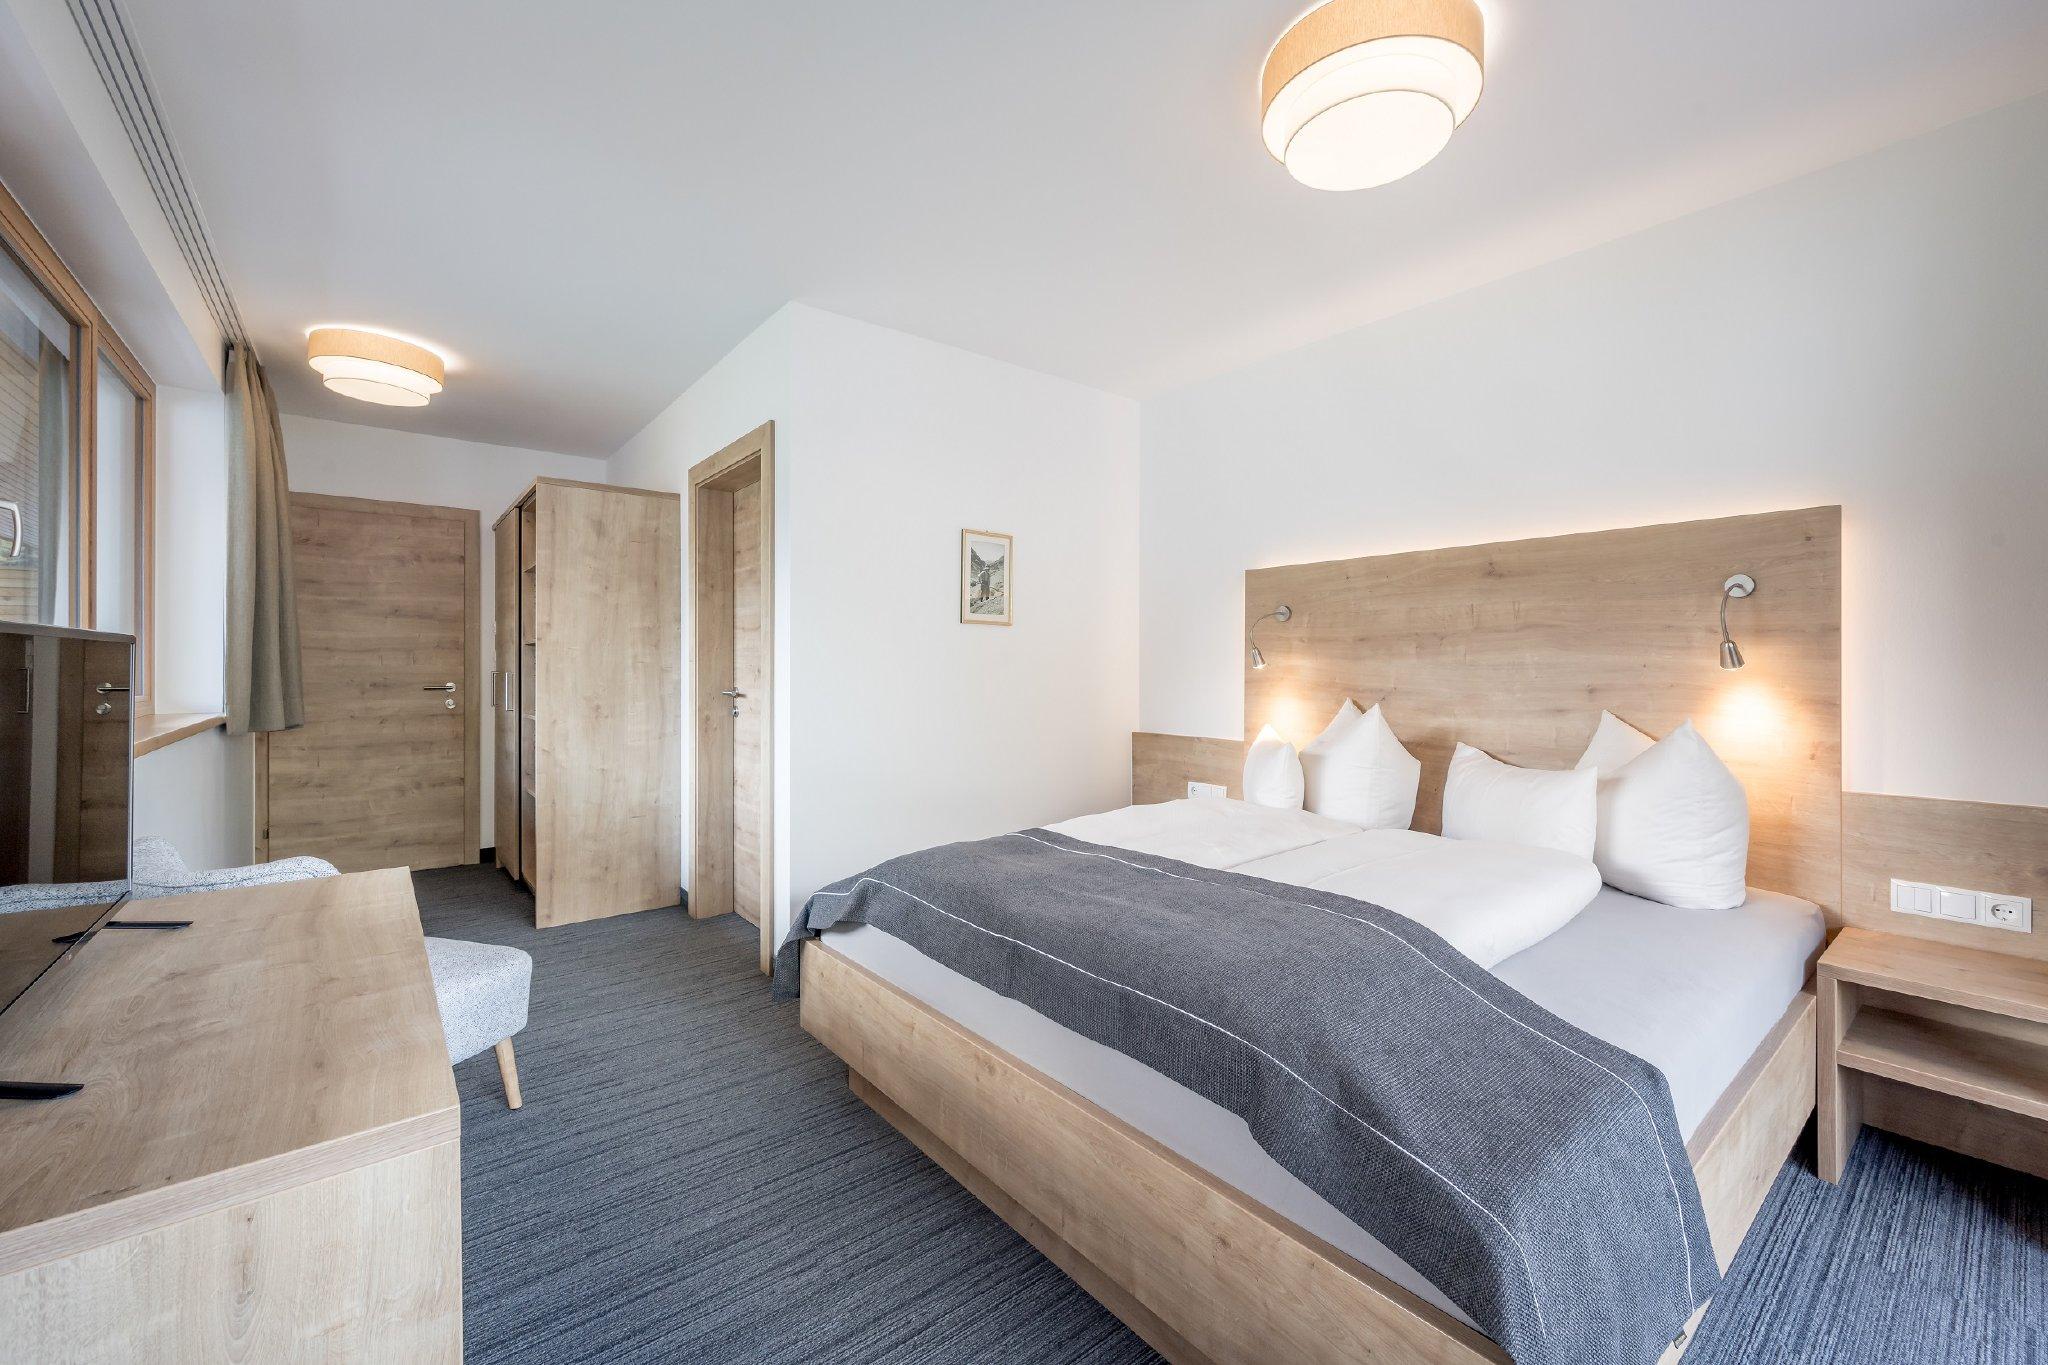 Schlafzimmer mit eigenen Wohlfühlbad